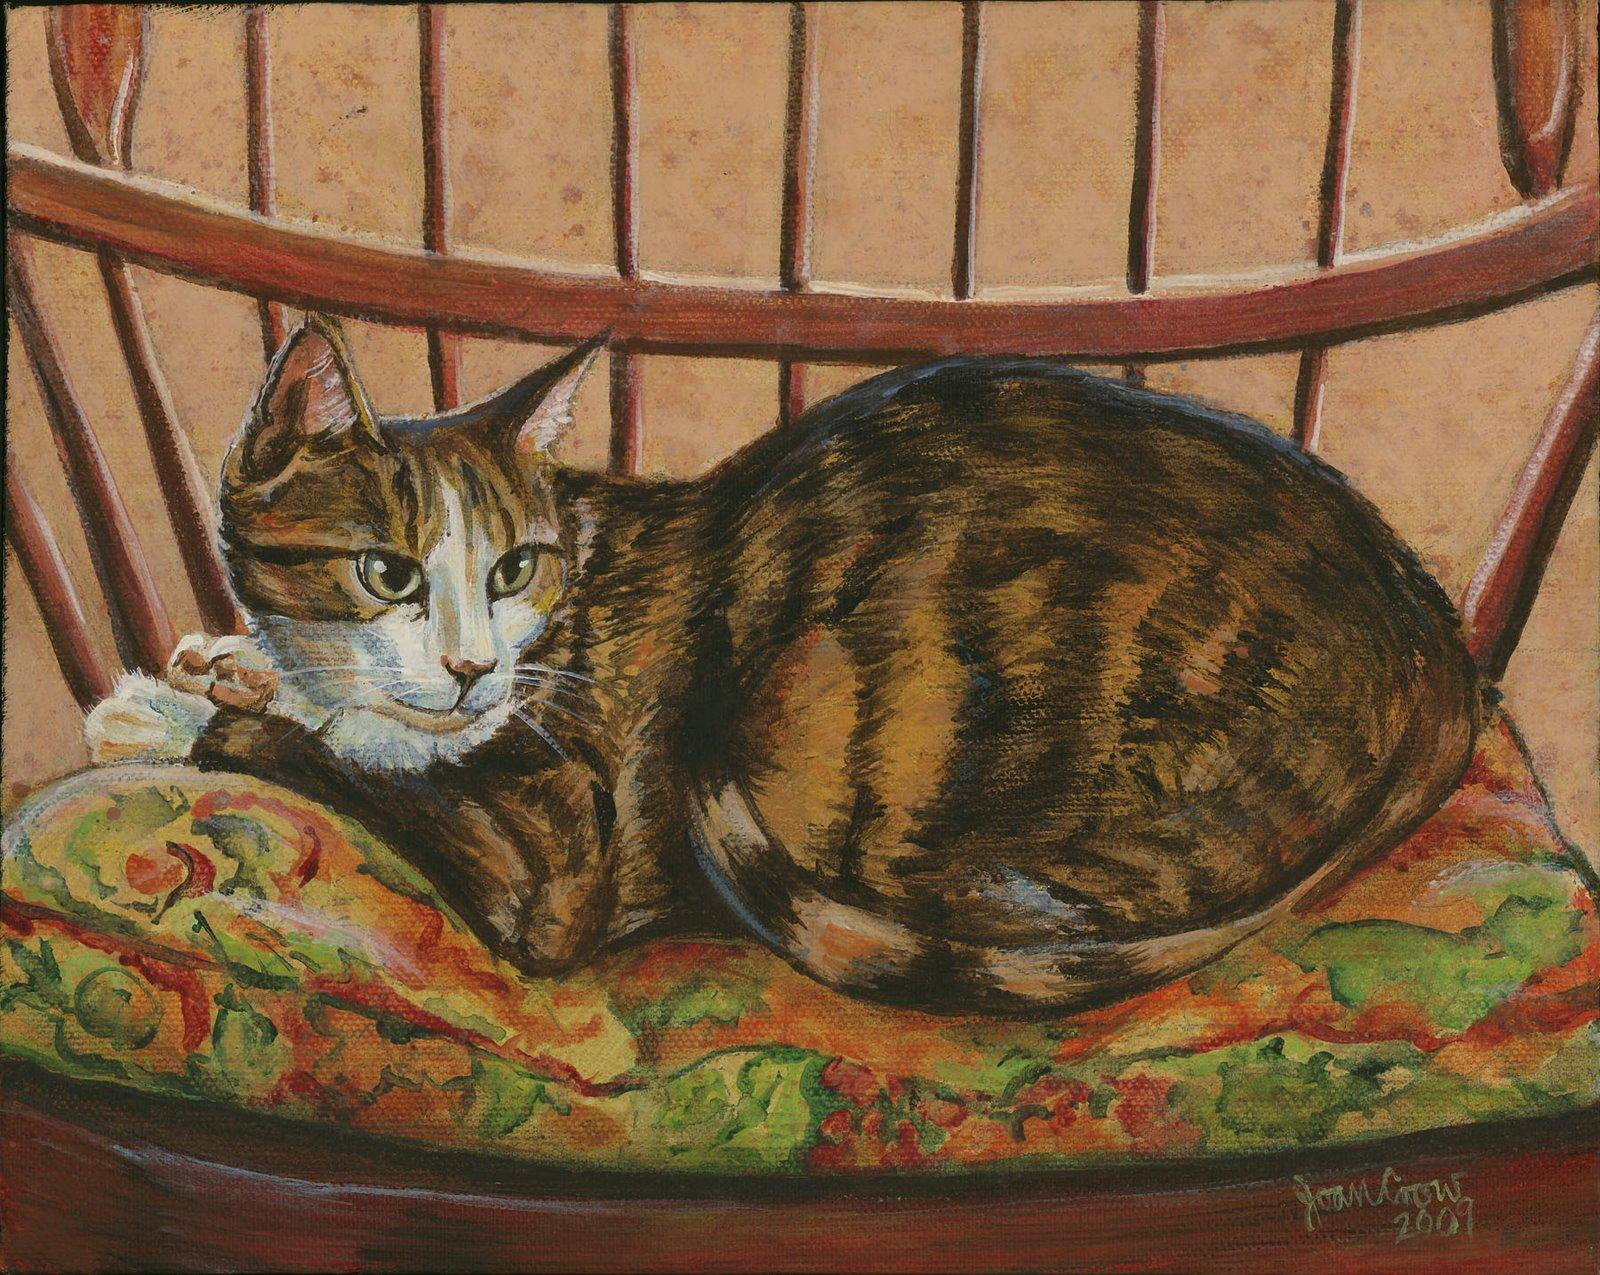 [Lea's+cat.1.6x4psd]